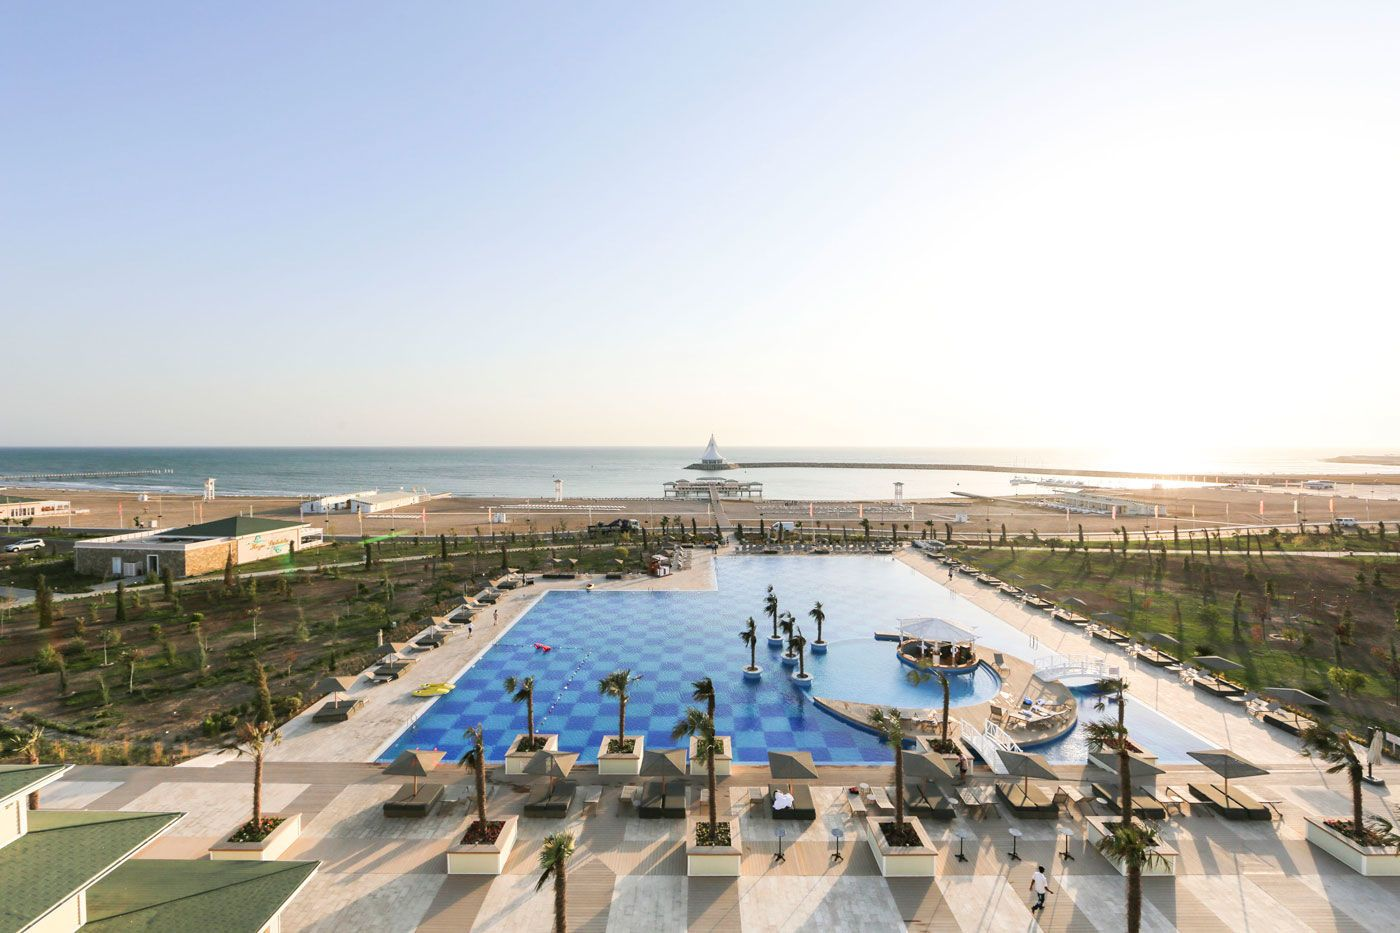 Turkmenistan Awaza Beach